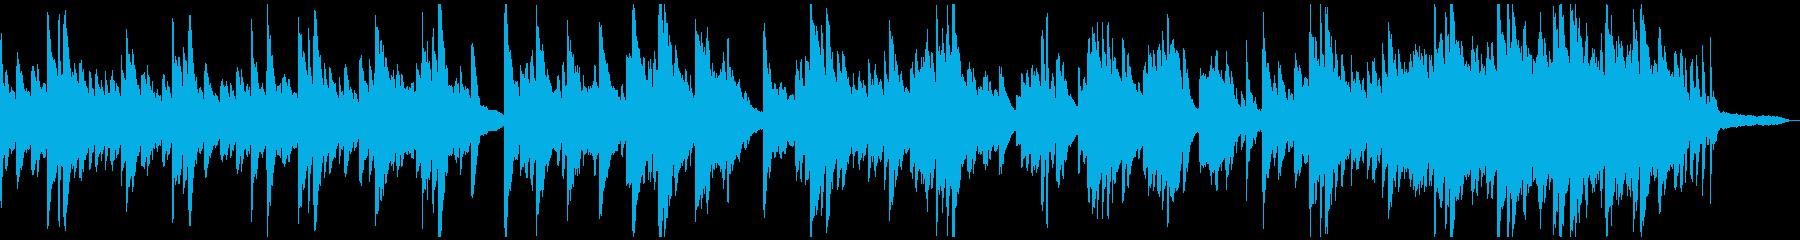 メランコリックな柔らかいピアノソロの再生済みの波形